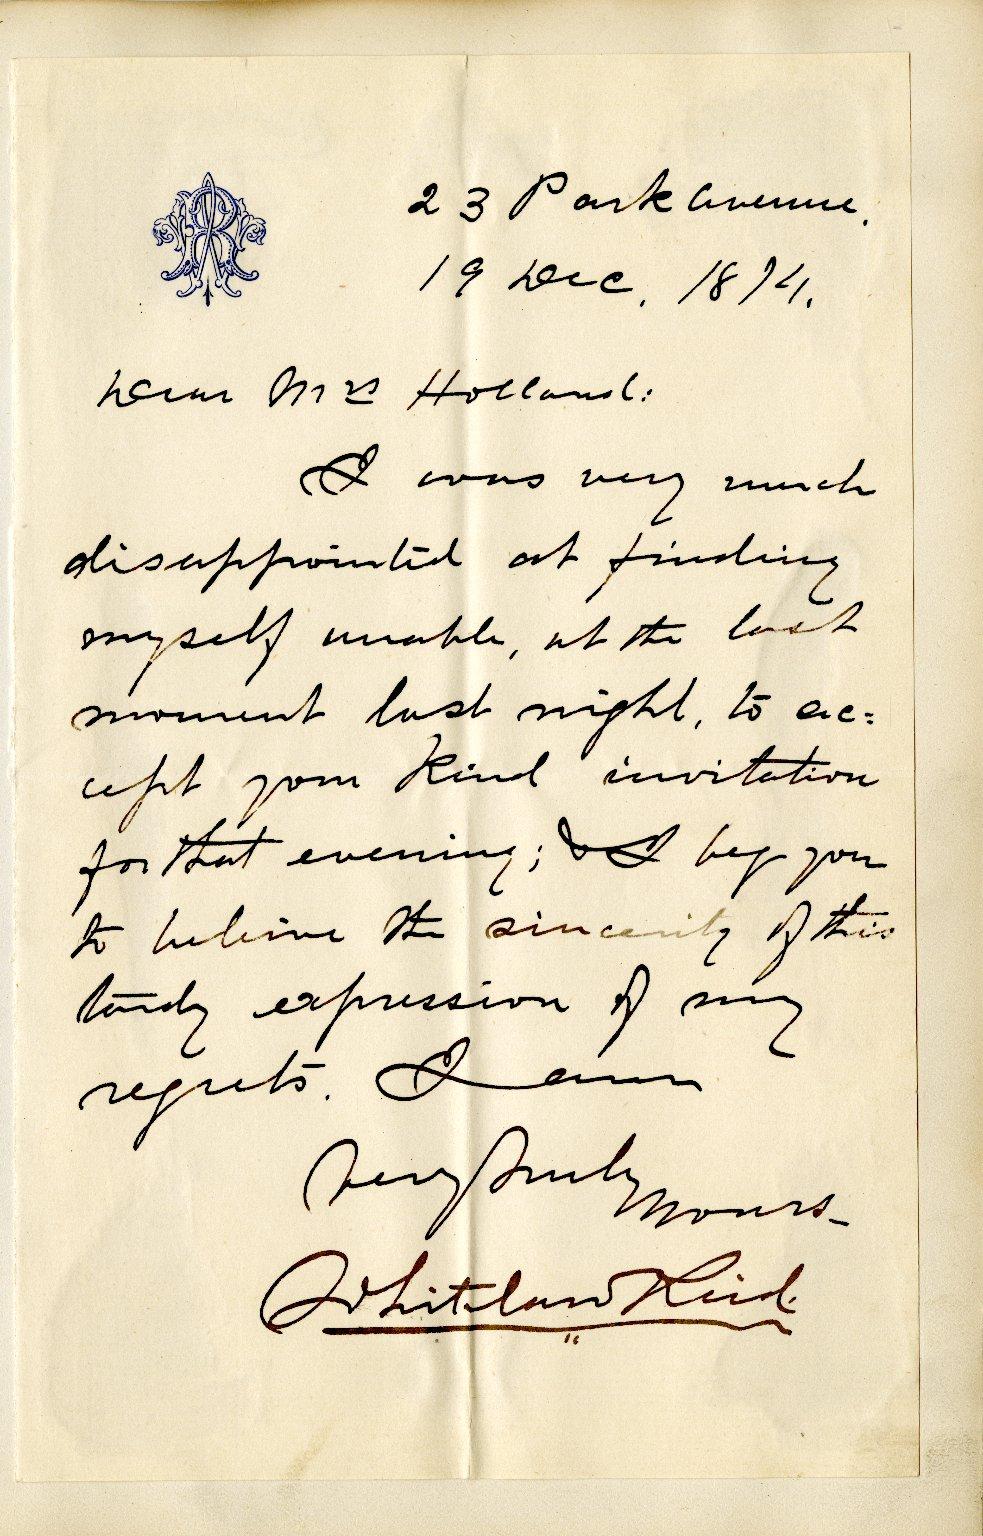 Reid, Whitelaw. ALS, 1 page, December 19, 1874.